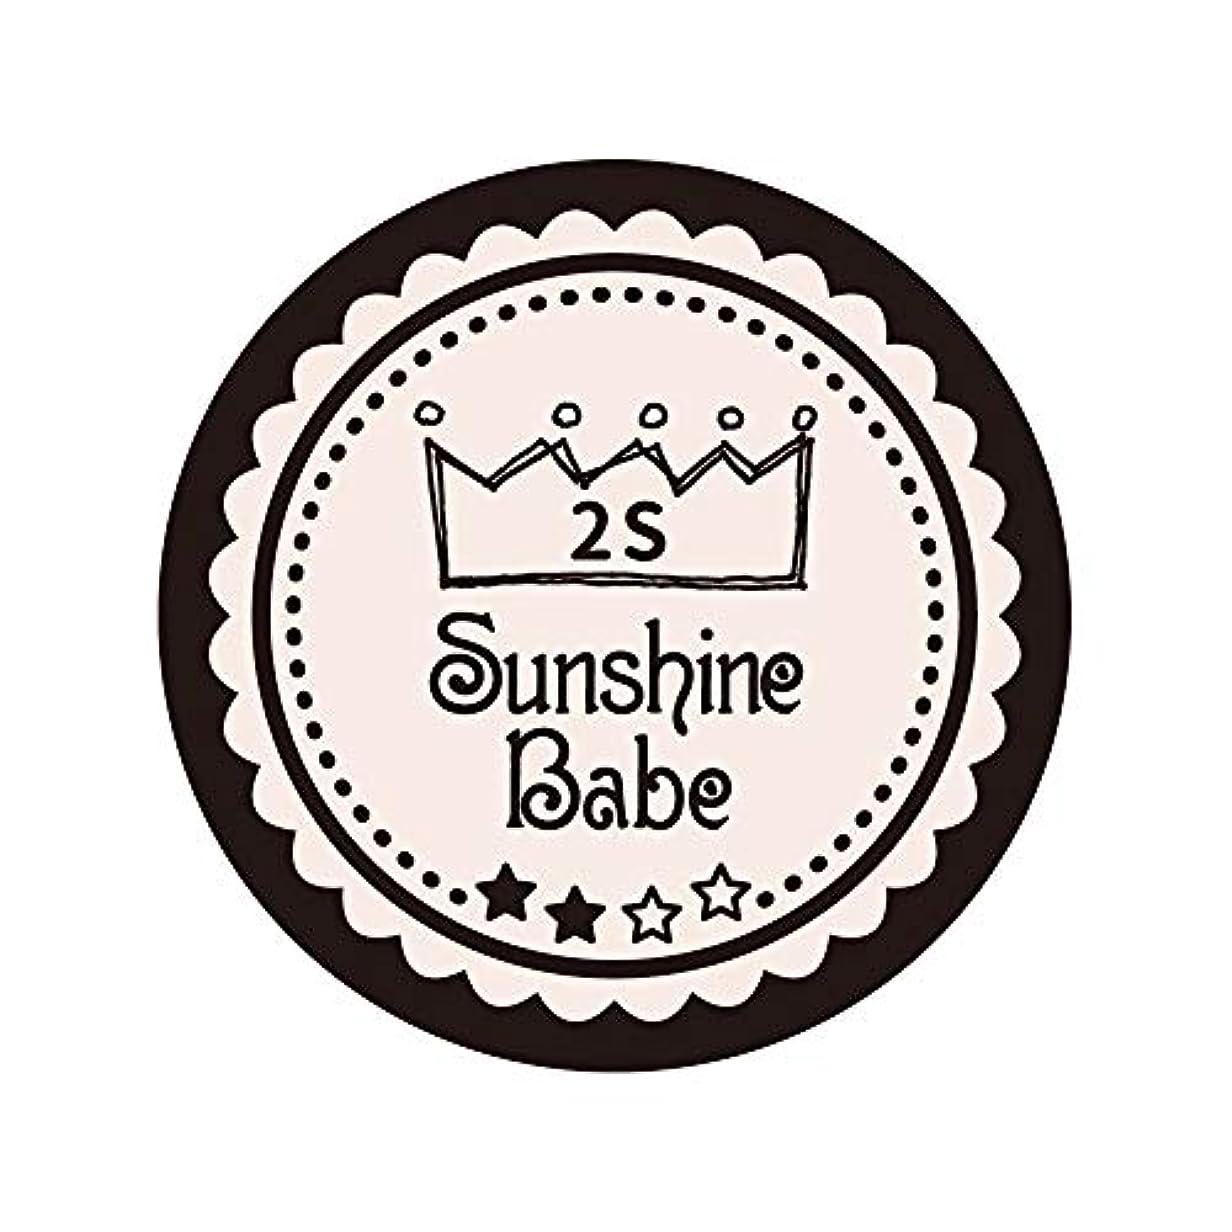 最も定数ジョージエリオットSunshine Babe カラージェル 2S オールモーストモーブ 2.7g UV/LED対応